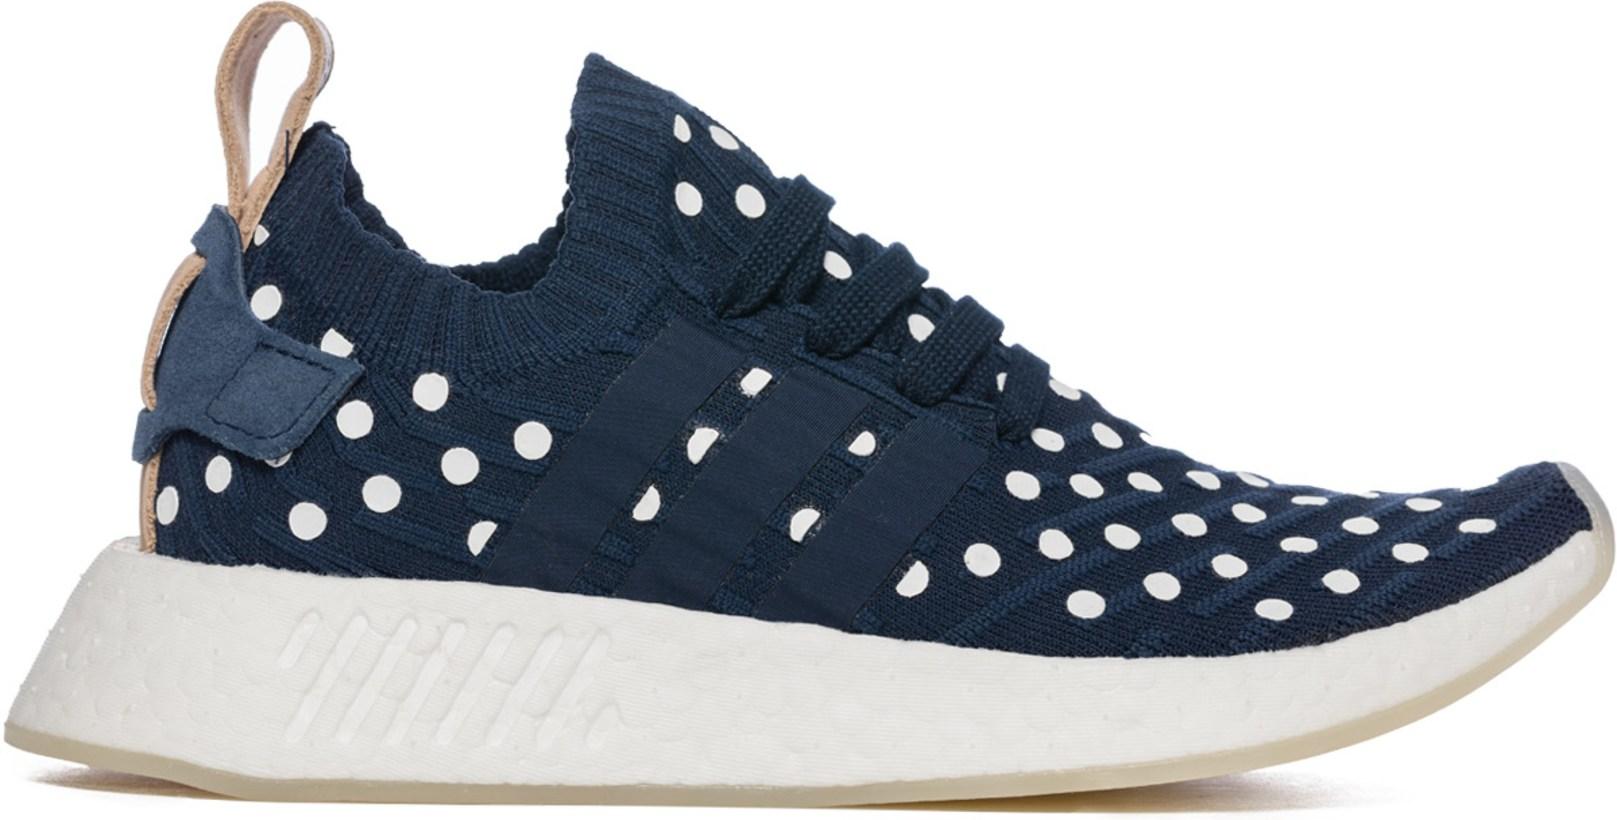 7d3b3a217 NMD R2 Primeknit Sneakers - Core Navy White Tan